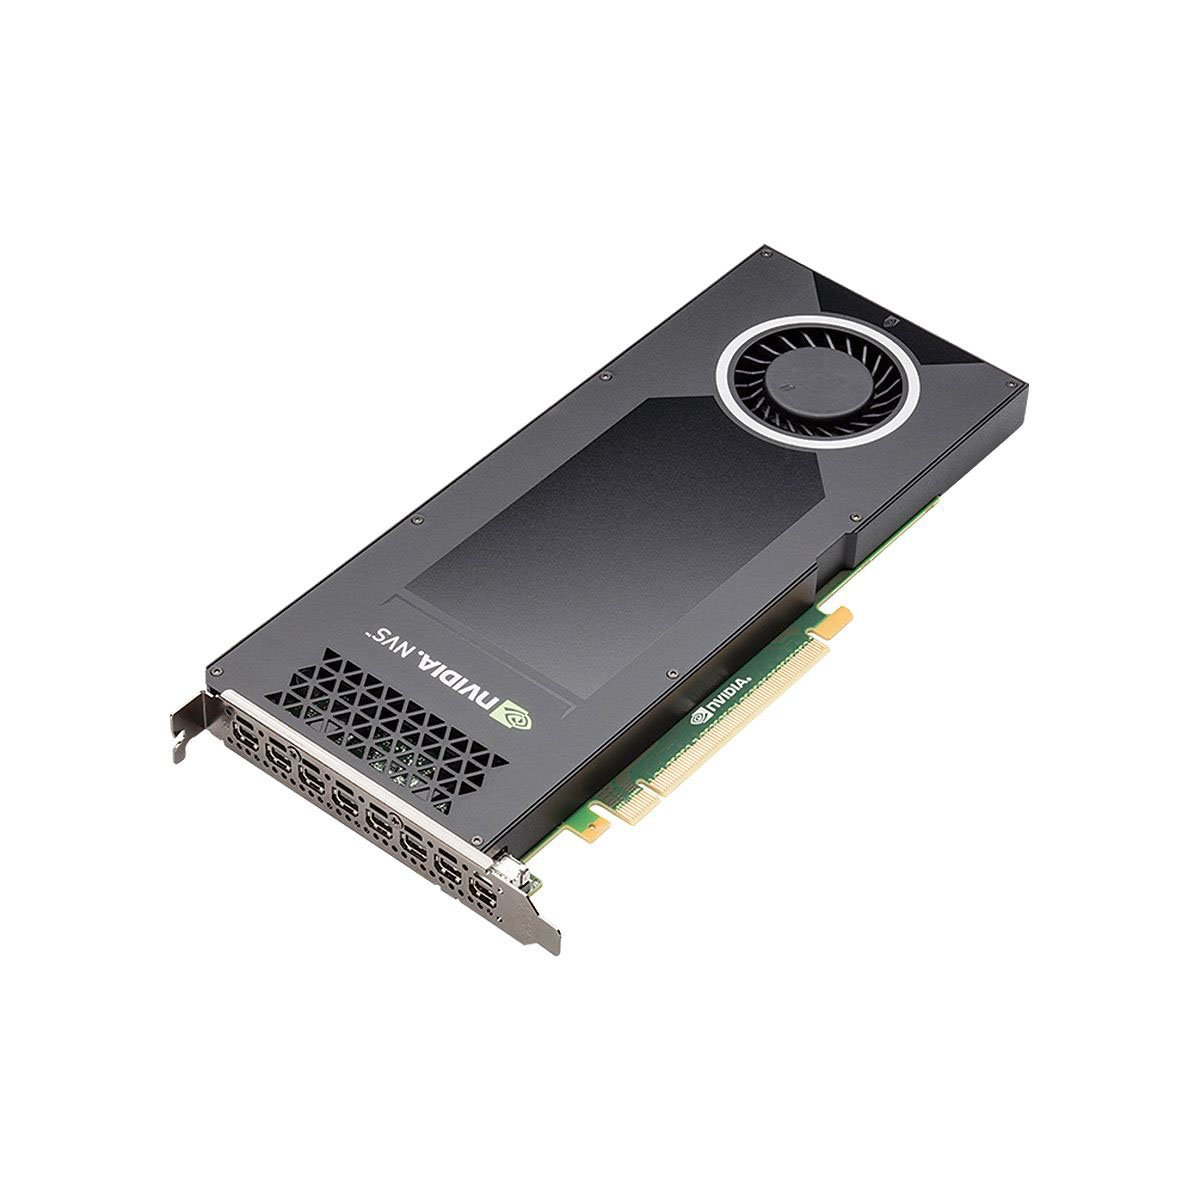 PLACA DE VIDEO LENOVO NVIDIA NVS 810 4GB GDDR3 - 128 BITS 8X MINI DISPLAY PORT PCIE 3.0